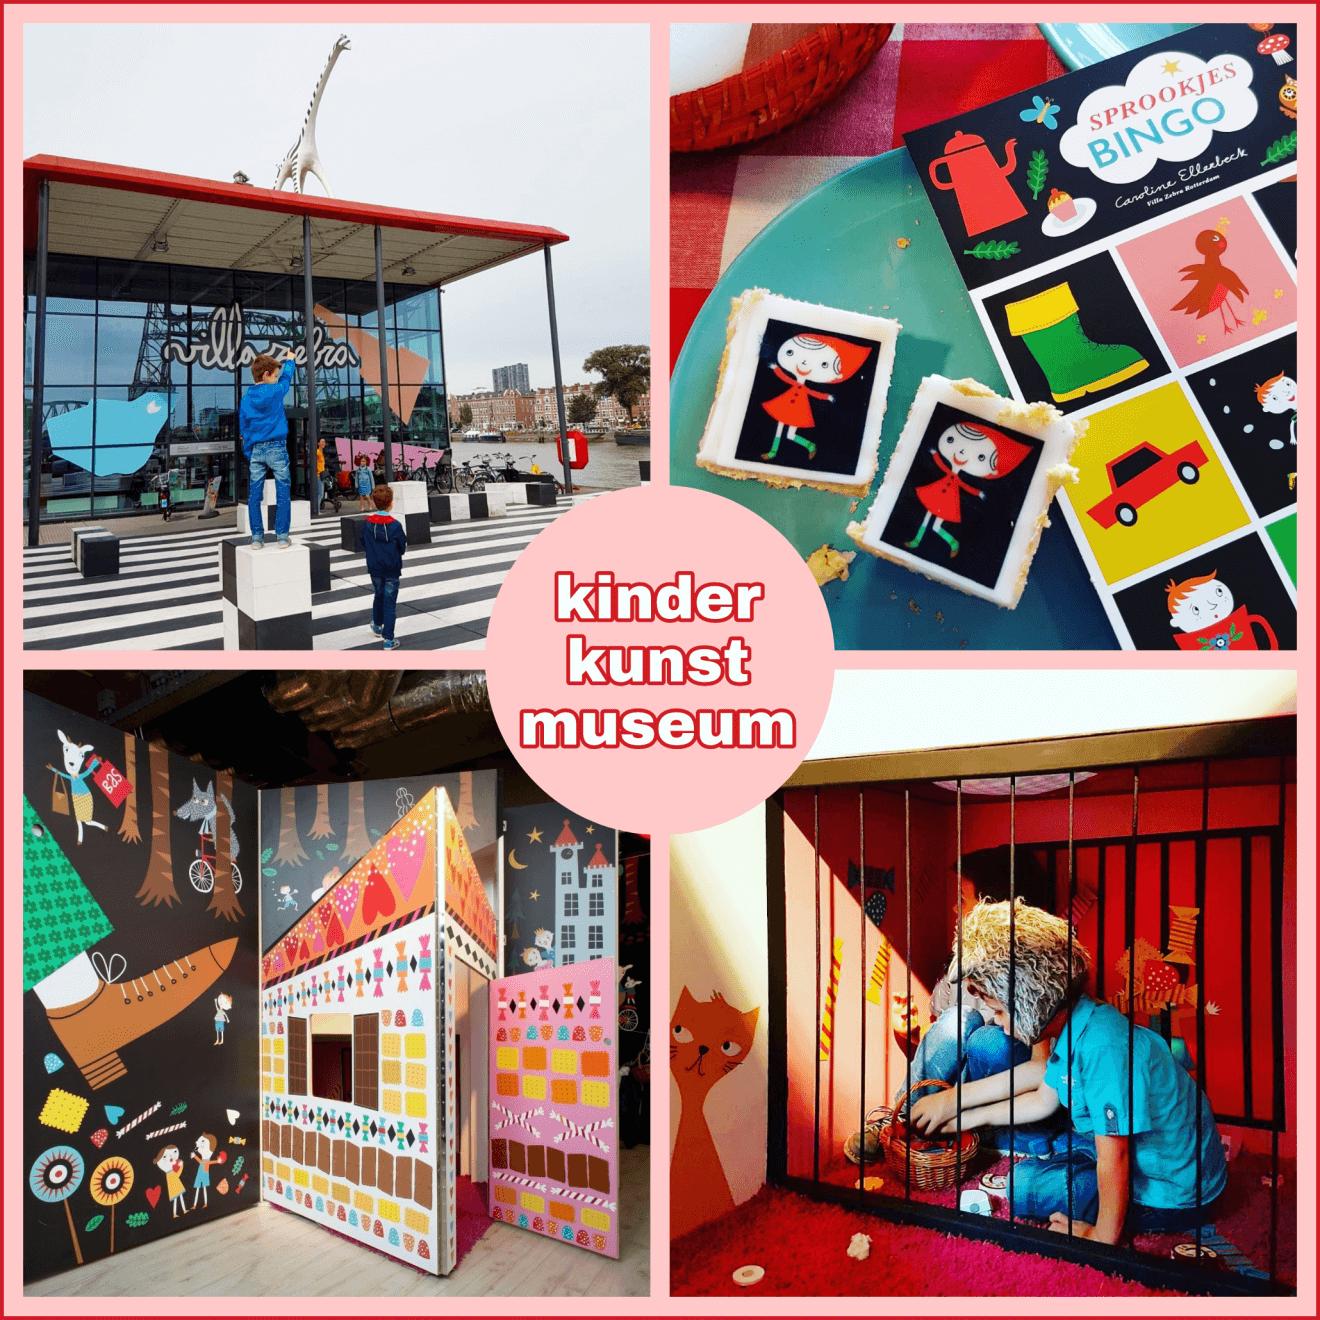 Op ontdekkingstocht in kinderkunstmuseum Villa Zebra #leukmetkids #uitje #rotterdam #museum #kinderen